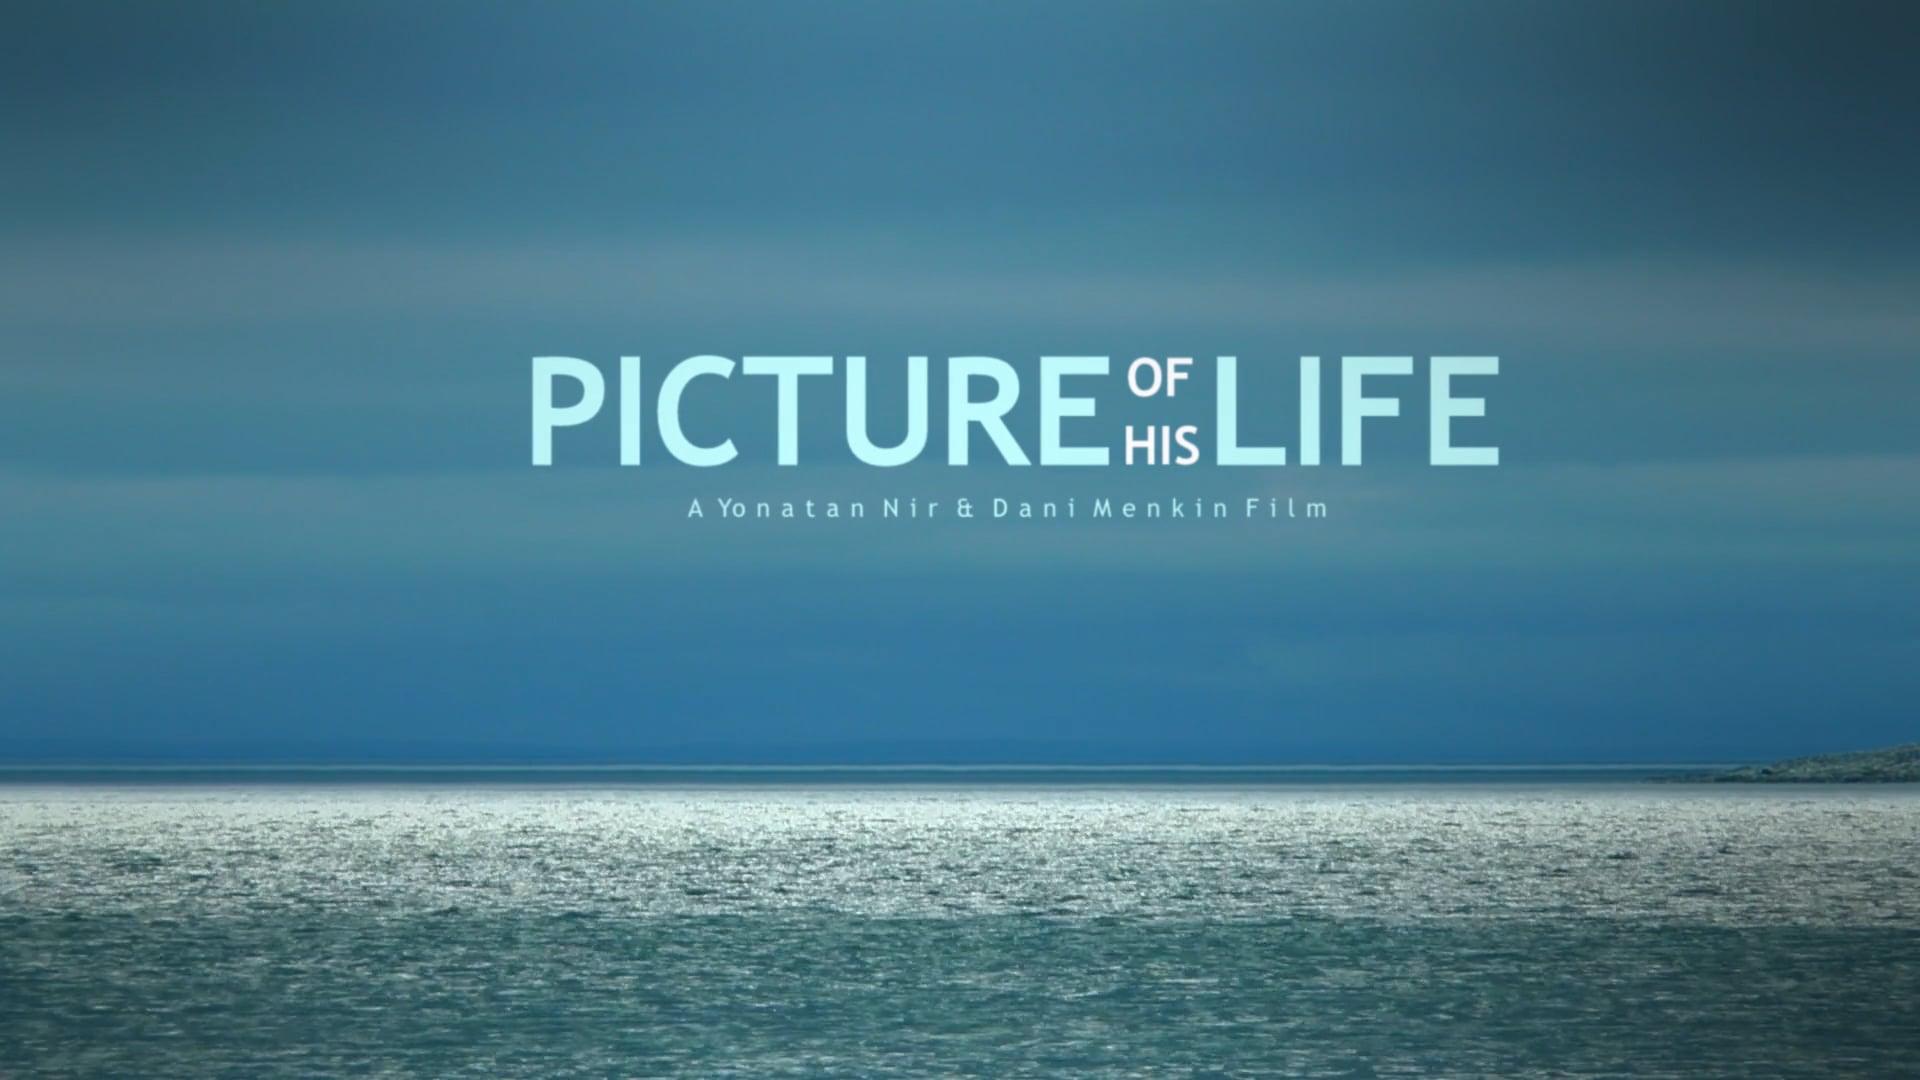 """""""PICTURE OF HIS LIFE"""" A Yonatan Nir & Dani Menkin Film. Movie Trailer"""